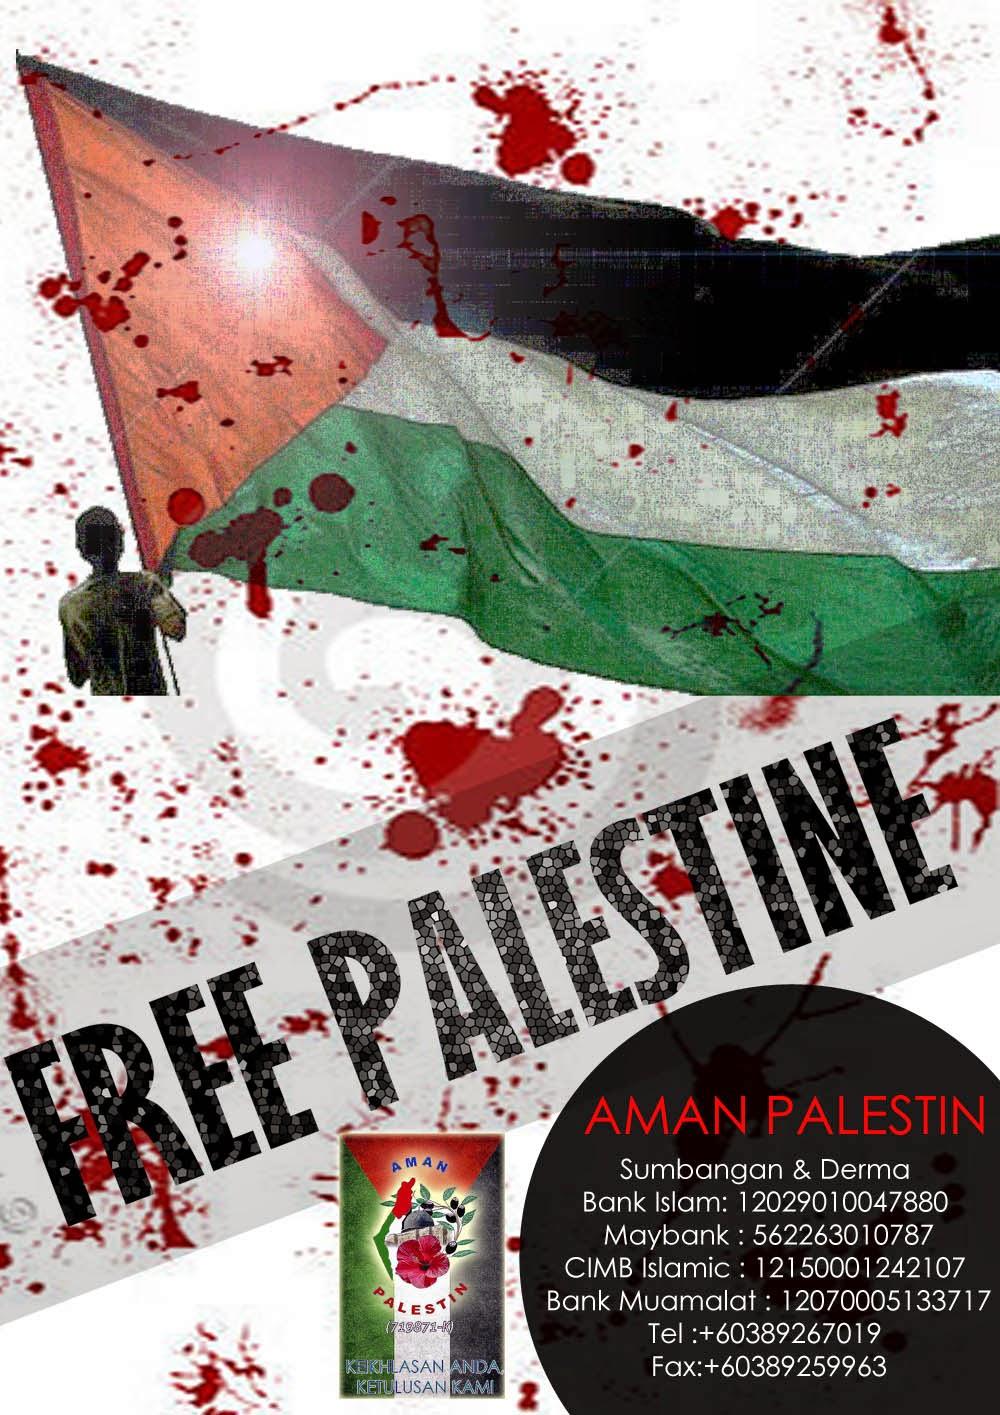 Insya Allah Gaza